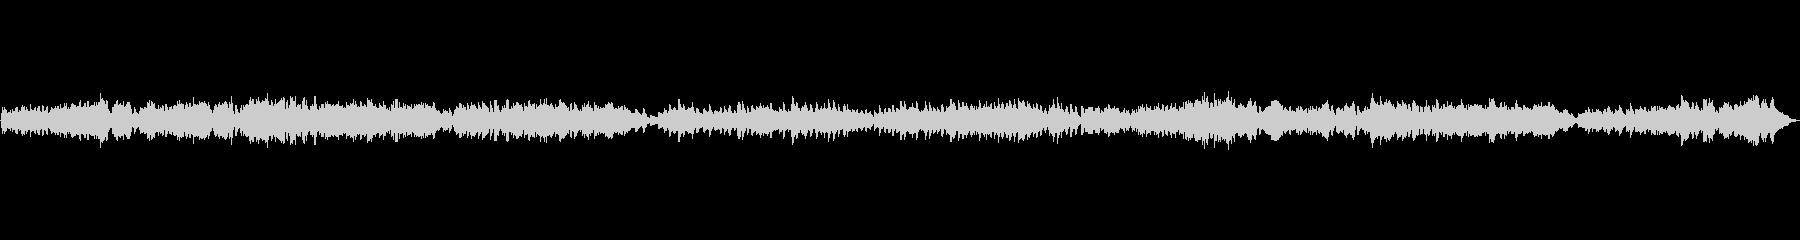 ショパンの名曲・子犬のワルツをピアノ演奏の未再生の波形